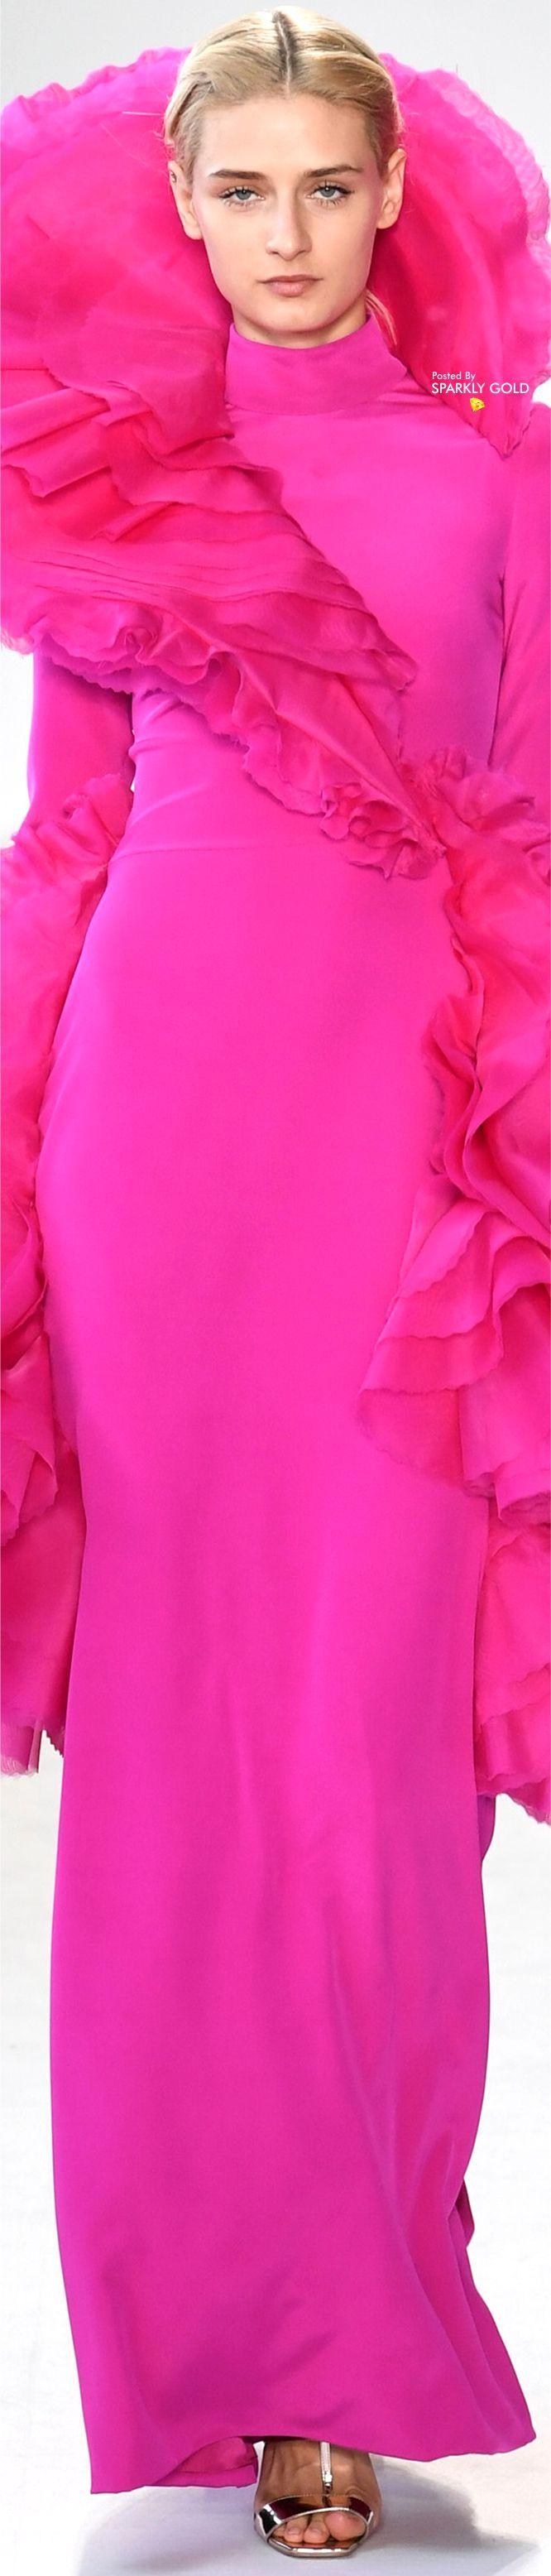 Die besten 25 Abendkleid altrosa Ideen auf Pinterest